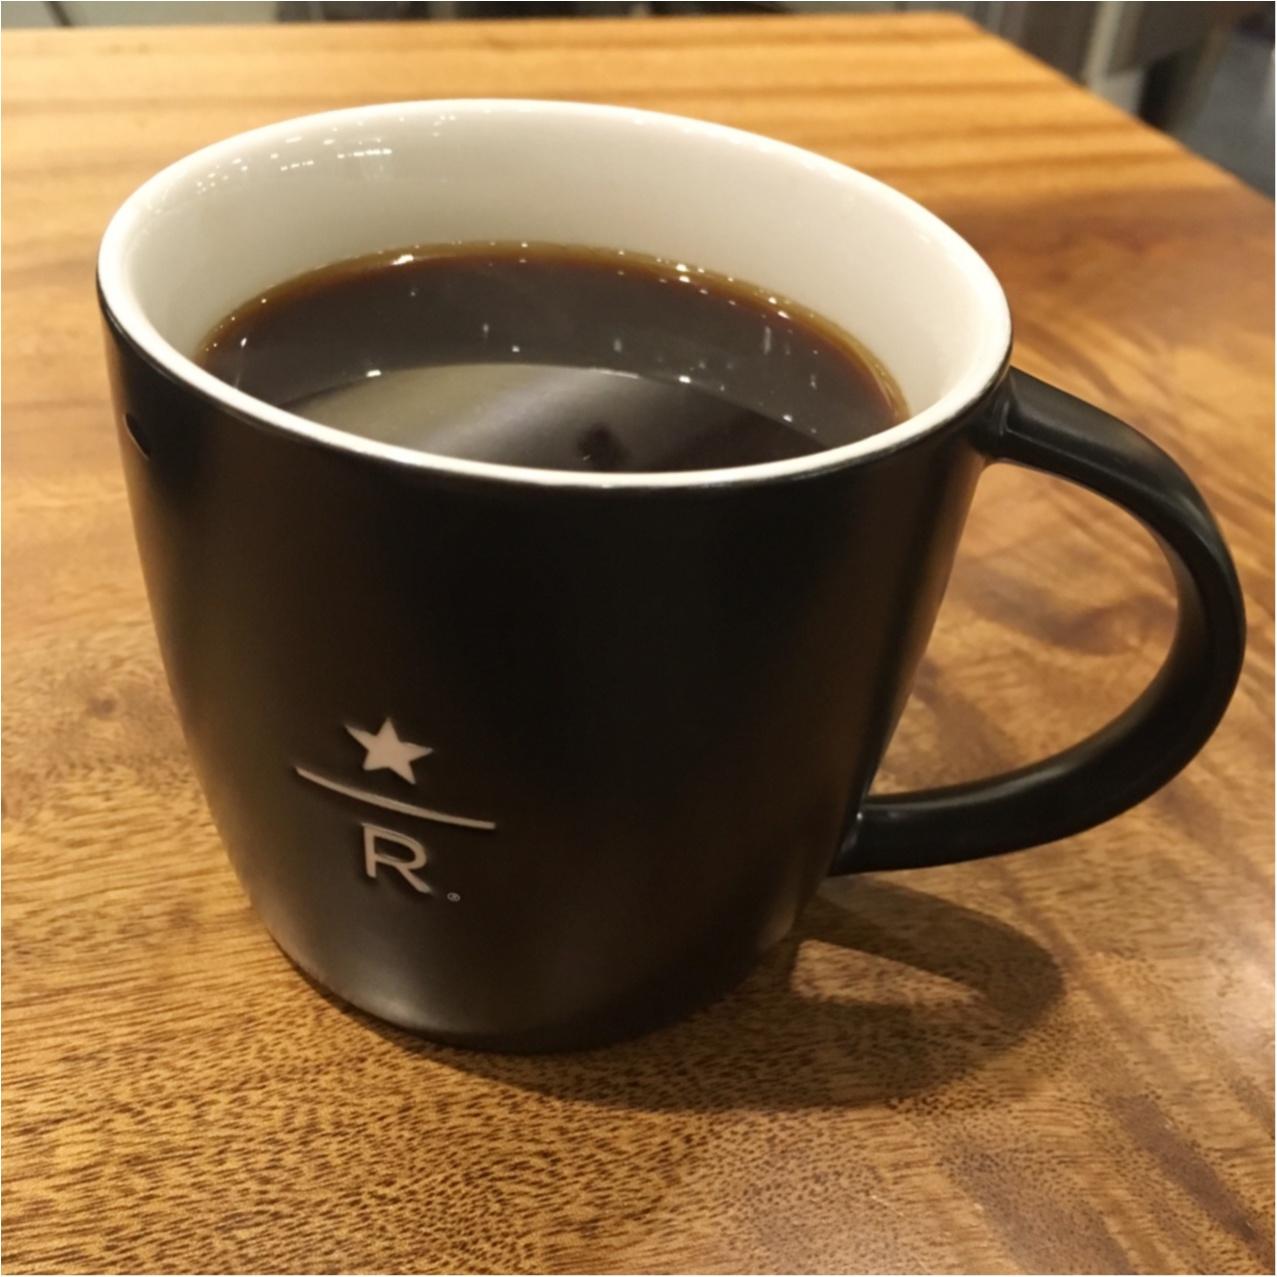 ワンランク上のコーヒーが味わえる ♡ 《 スターバックスリザーブ 》でちょっとリッチなコーヒーを…♡_5